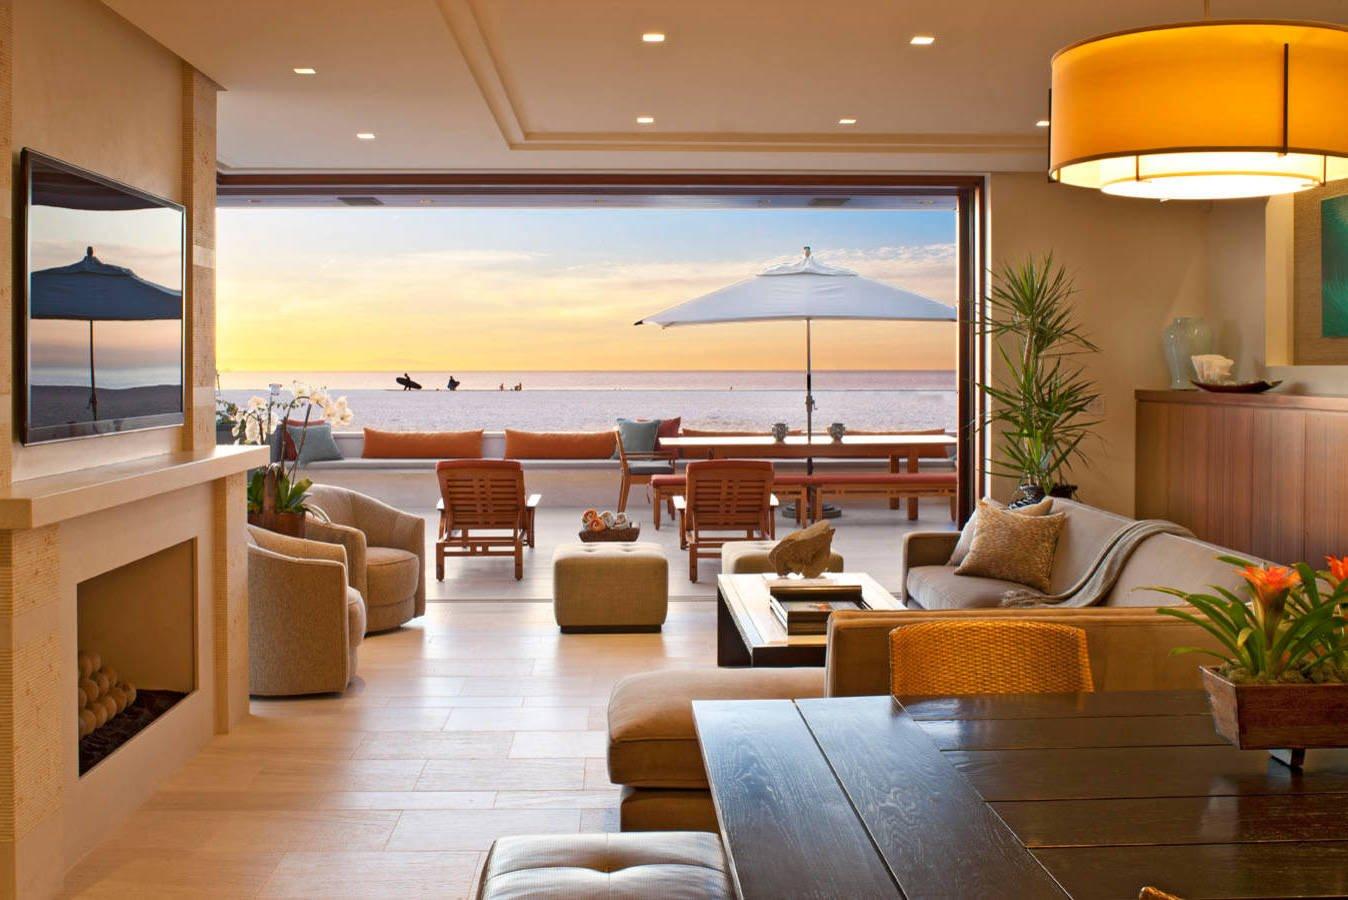 Sonnenschirm für Balkon: Welcher Typ passt zu Ihrem Balkon?